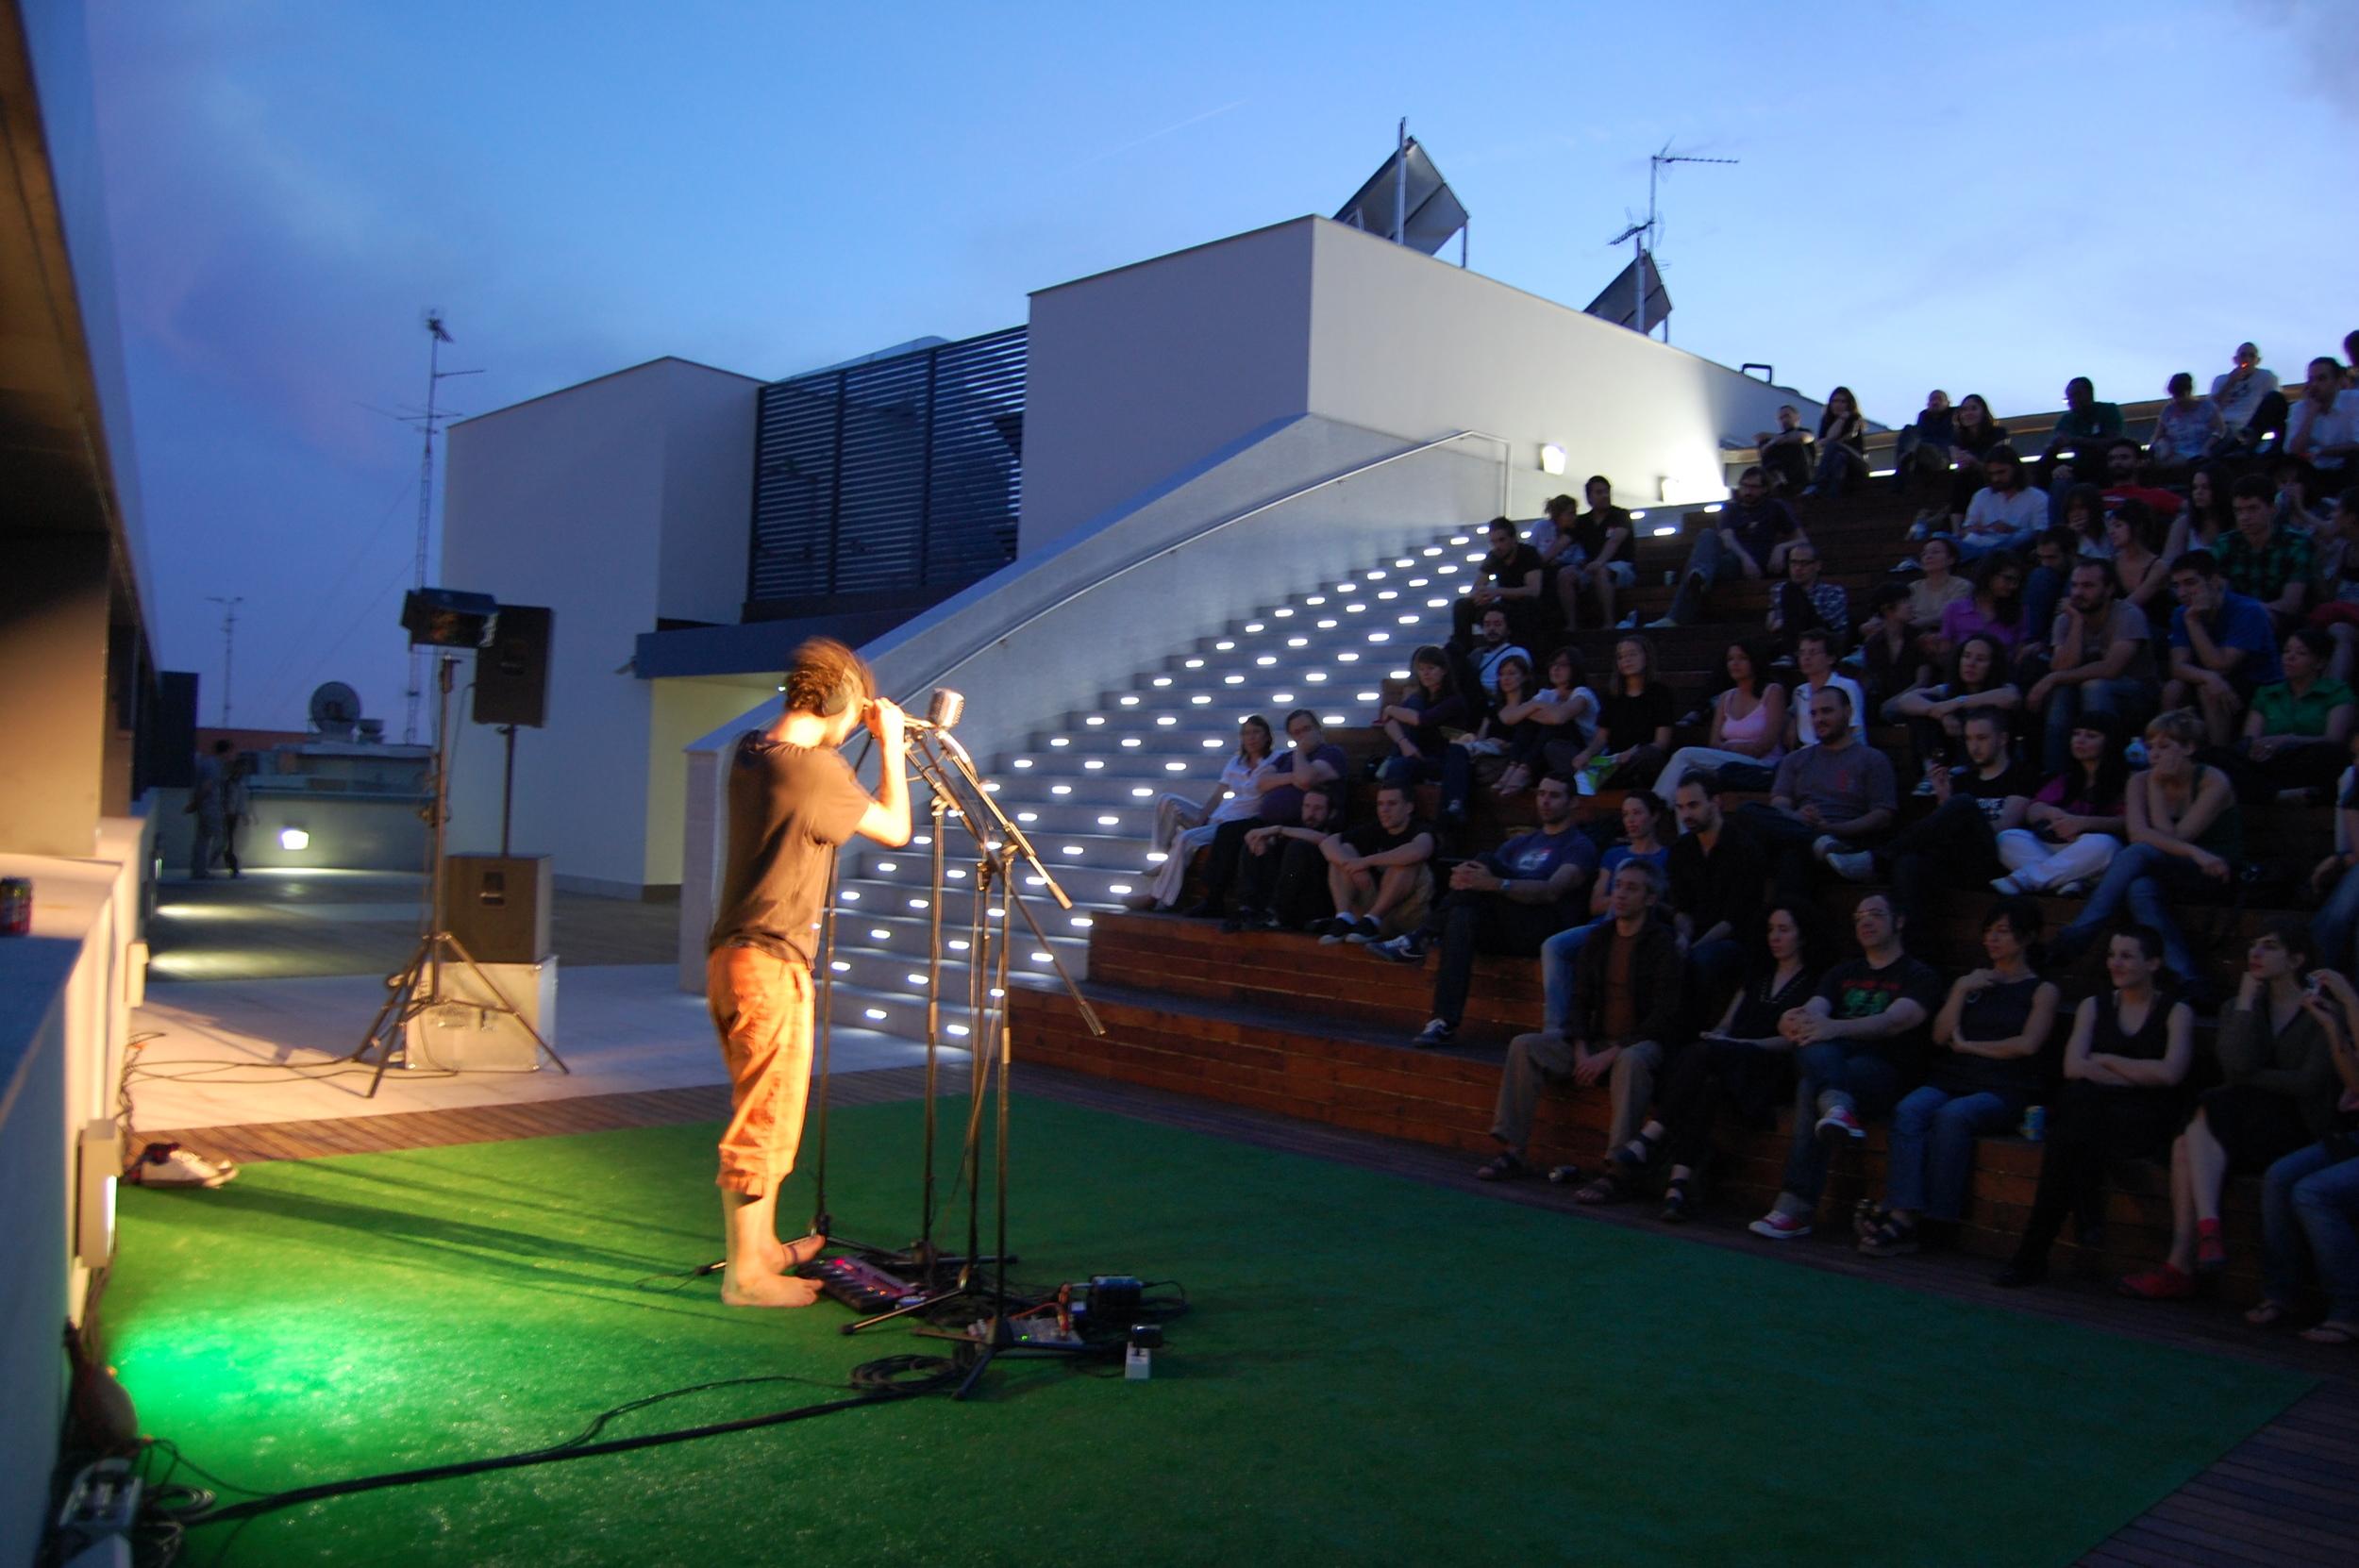 CA2M 2009-6 Picnic Sessions Concierto Hiperpótamus. Foto Carlos Granados.jpg